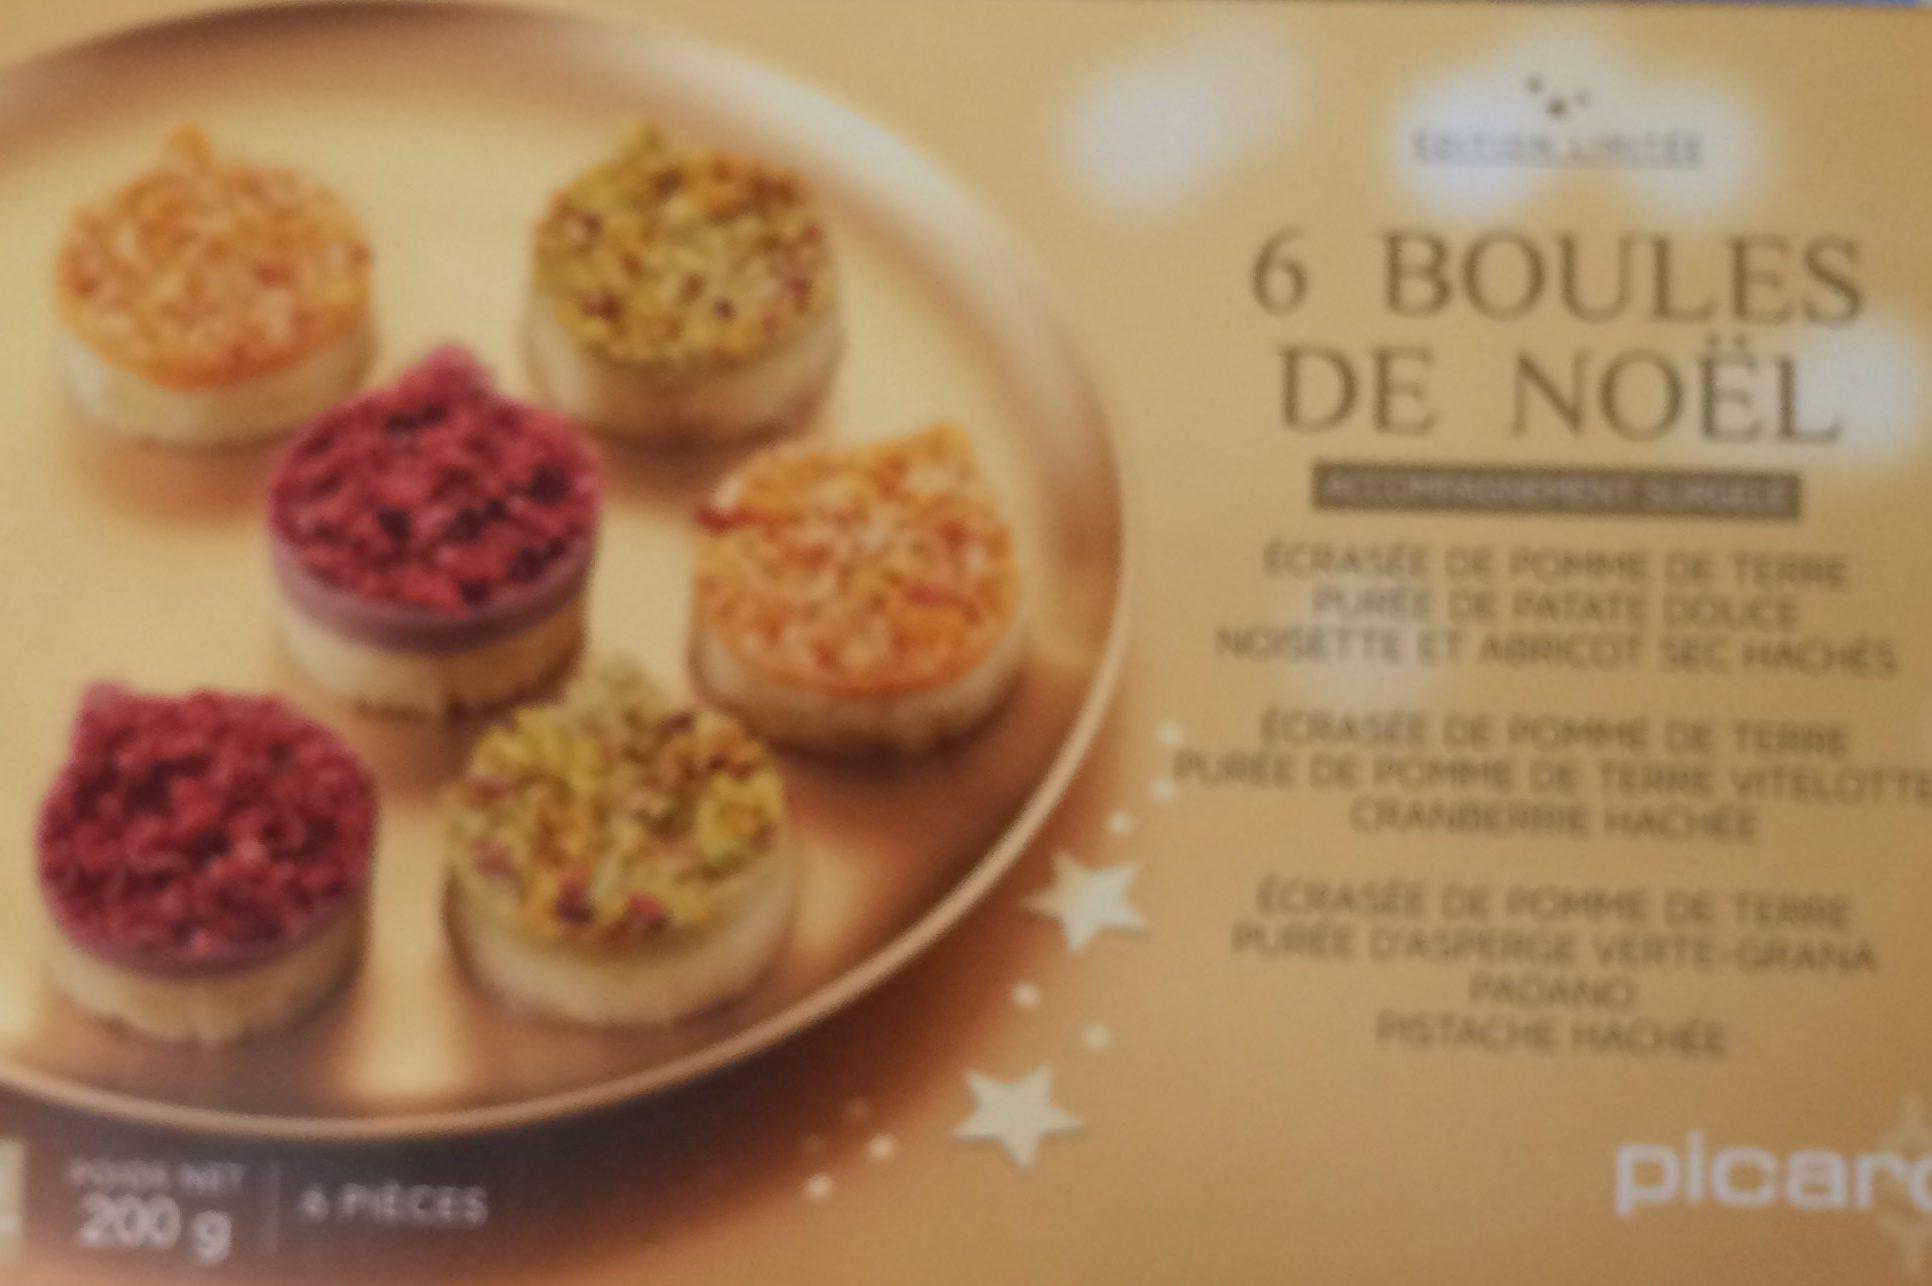 Picard Boule De Noel.6 Boules De Noël Picard 200 G